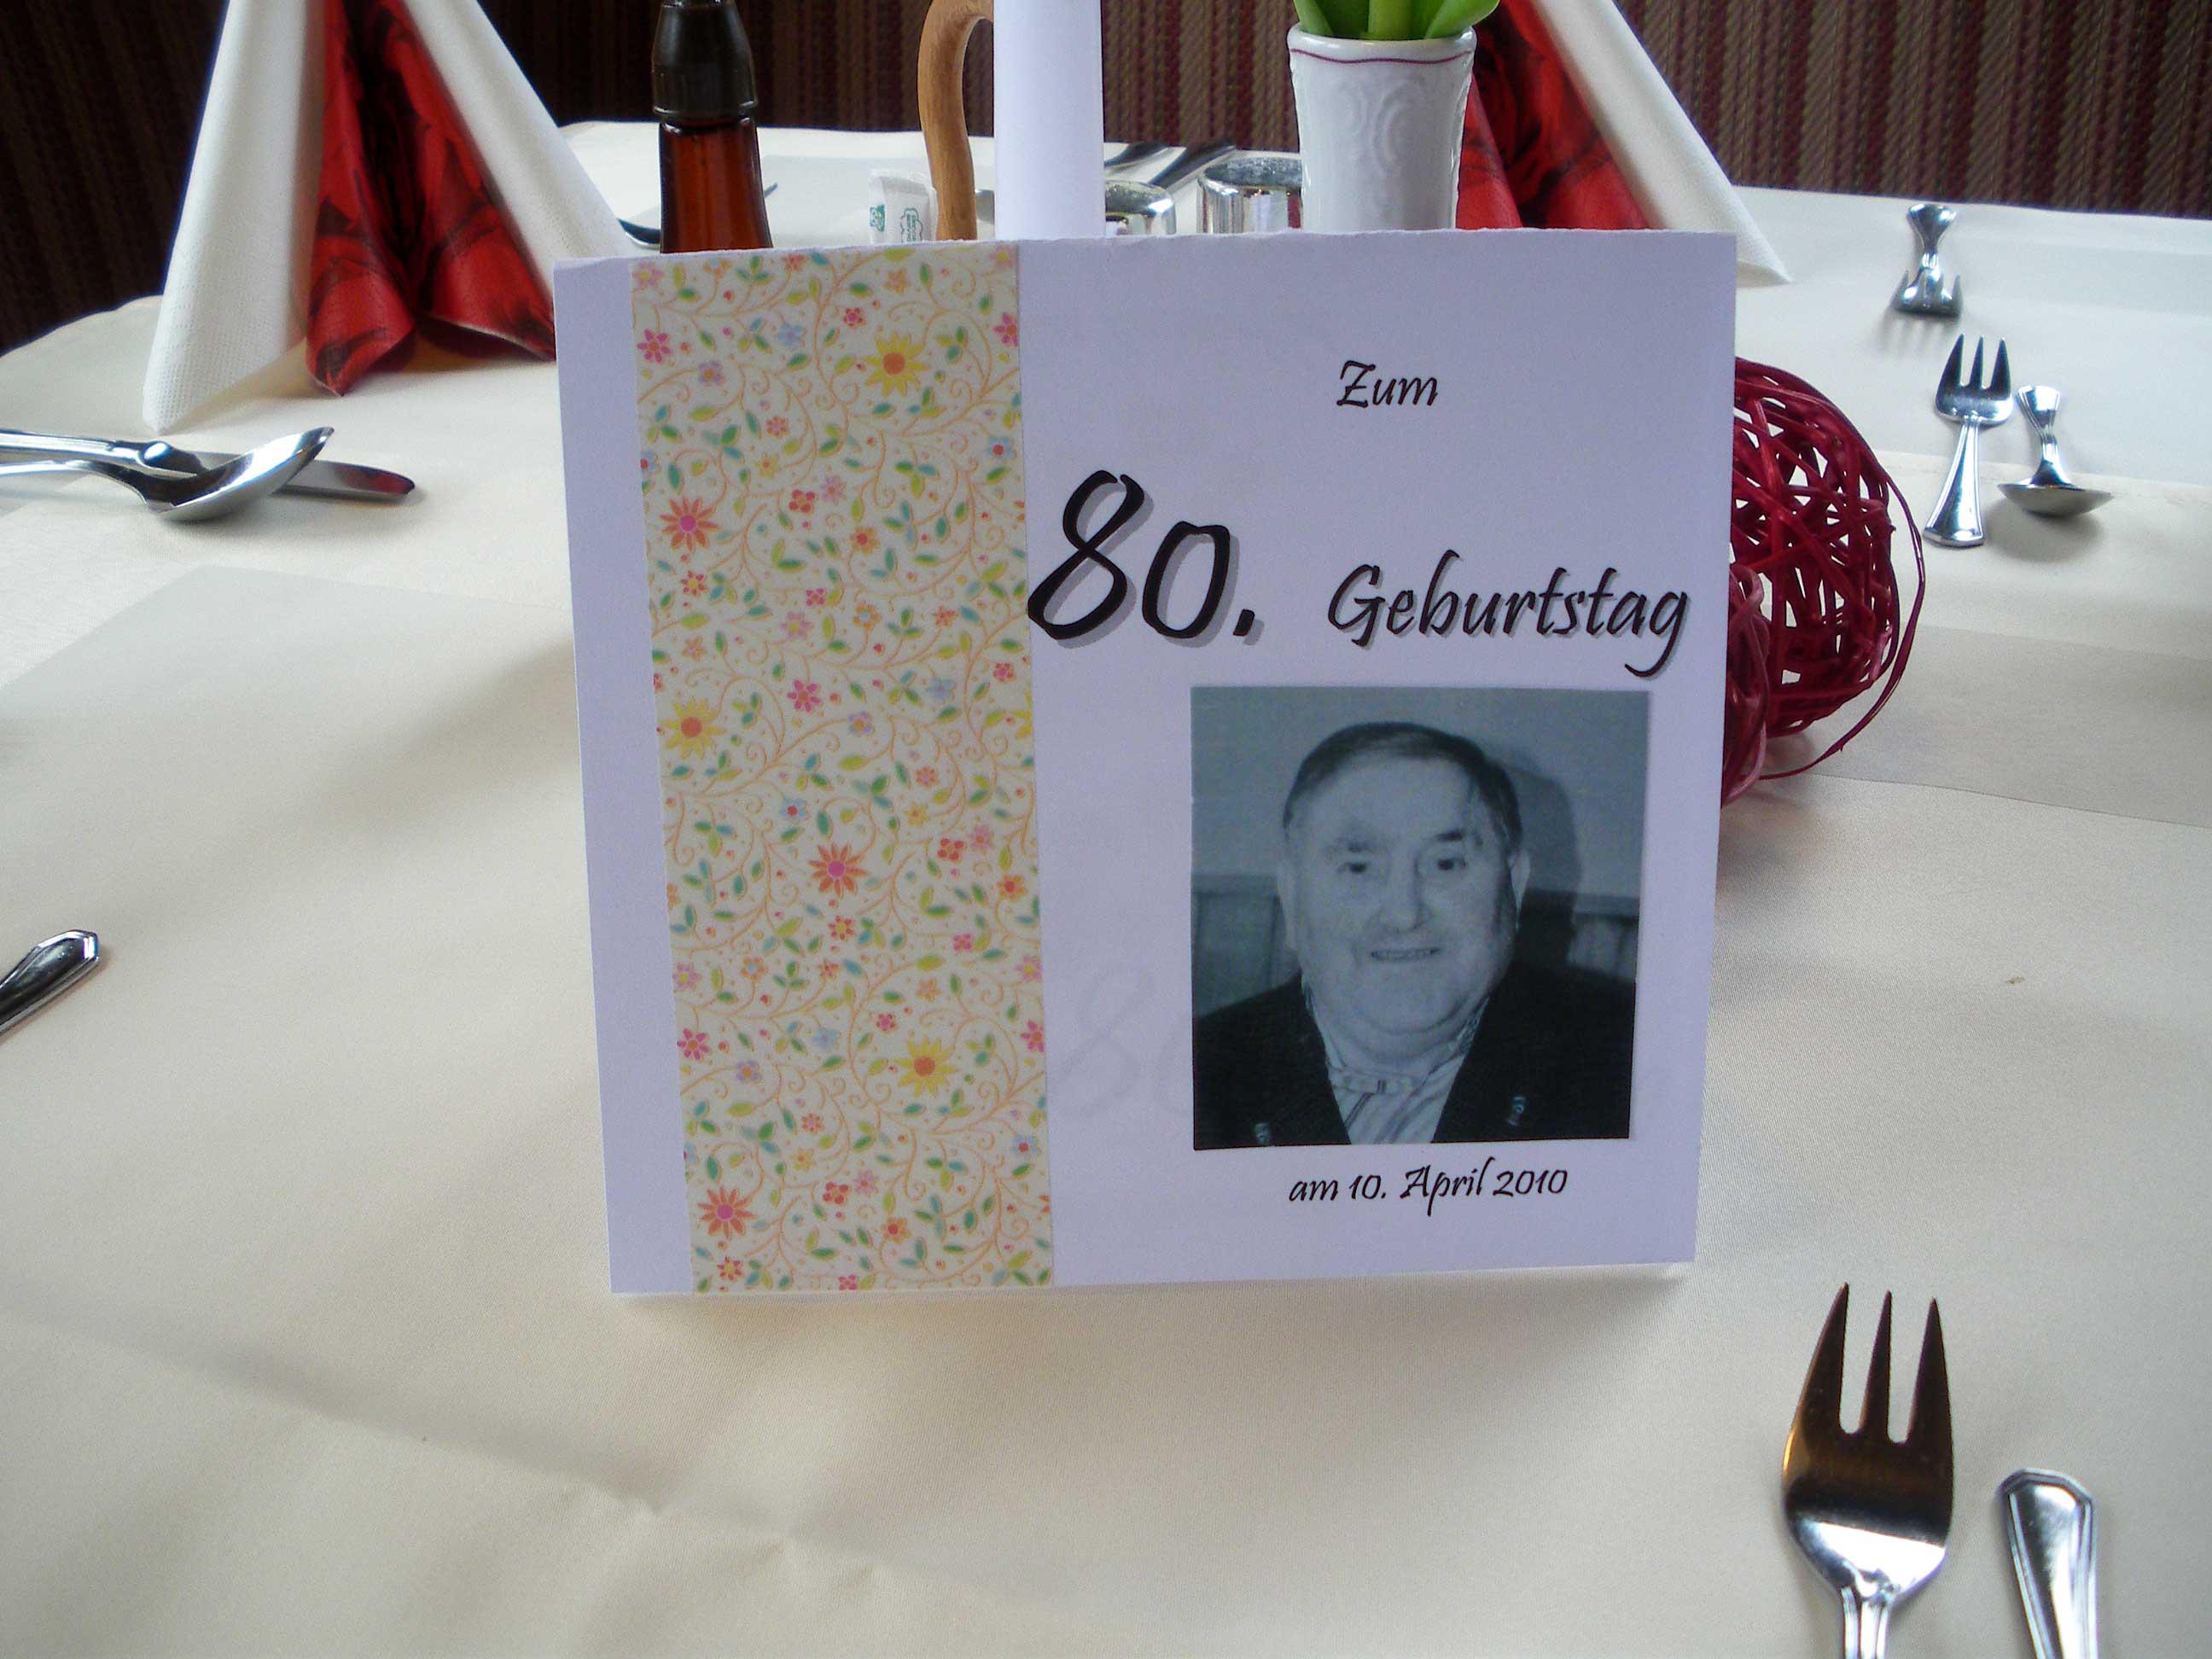 Tischdekoration 80 Geburtstag Alles Gute Zum 80 Geburtstag